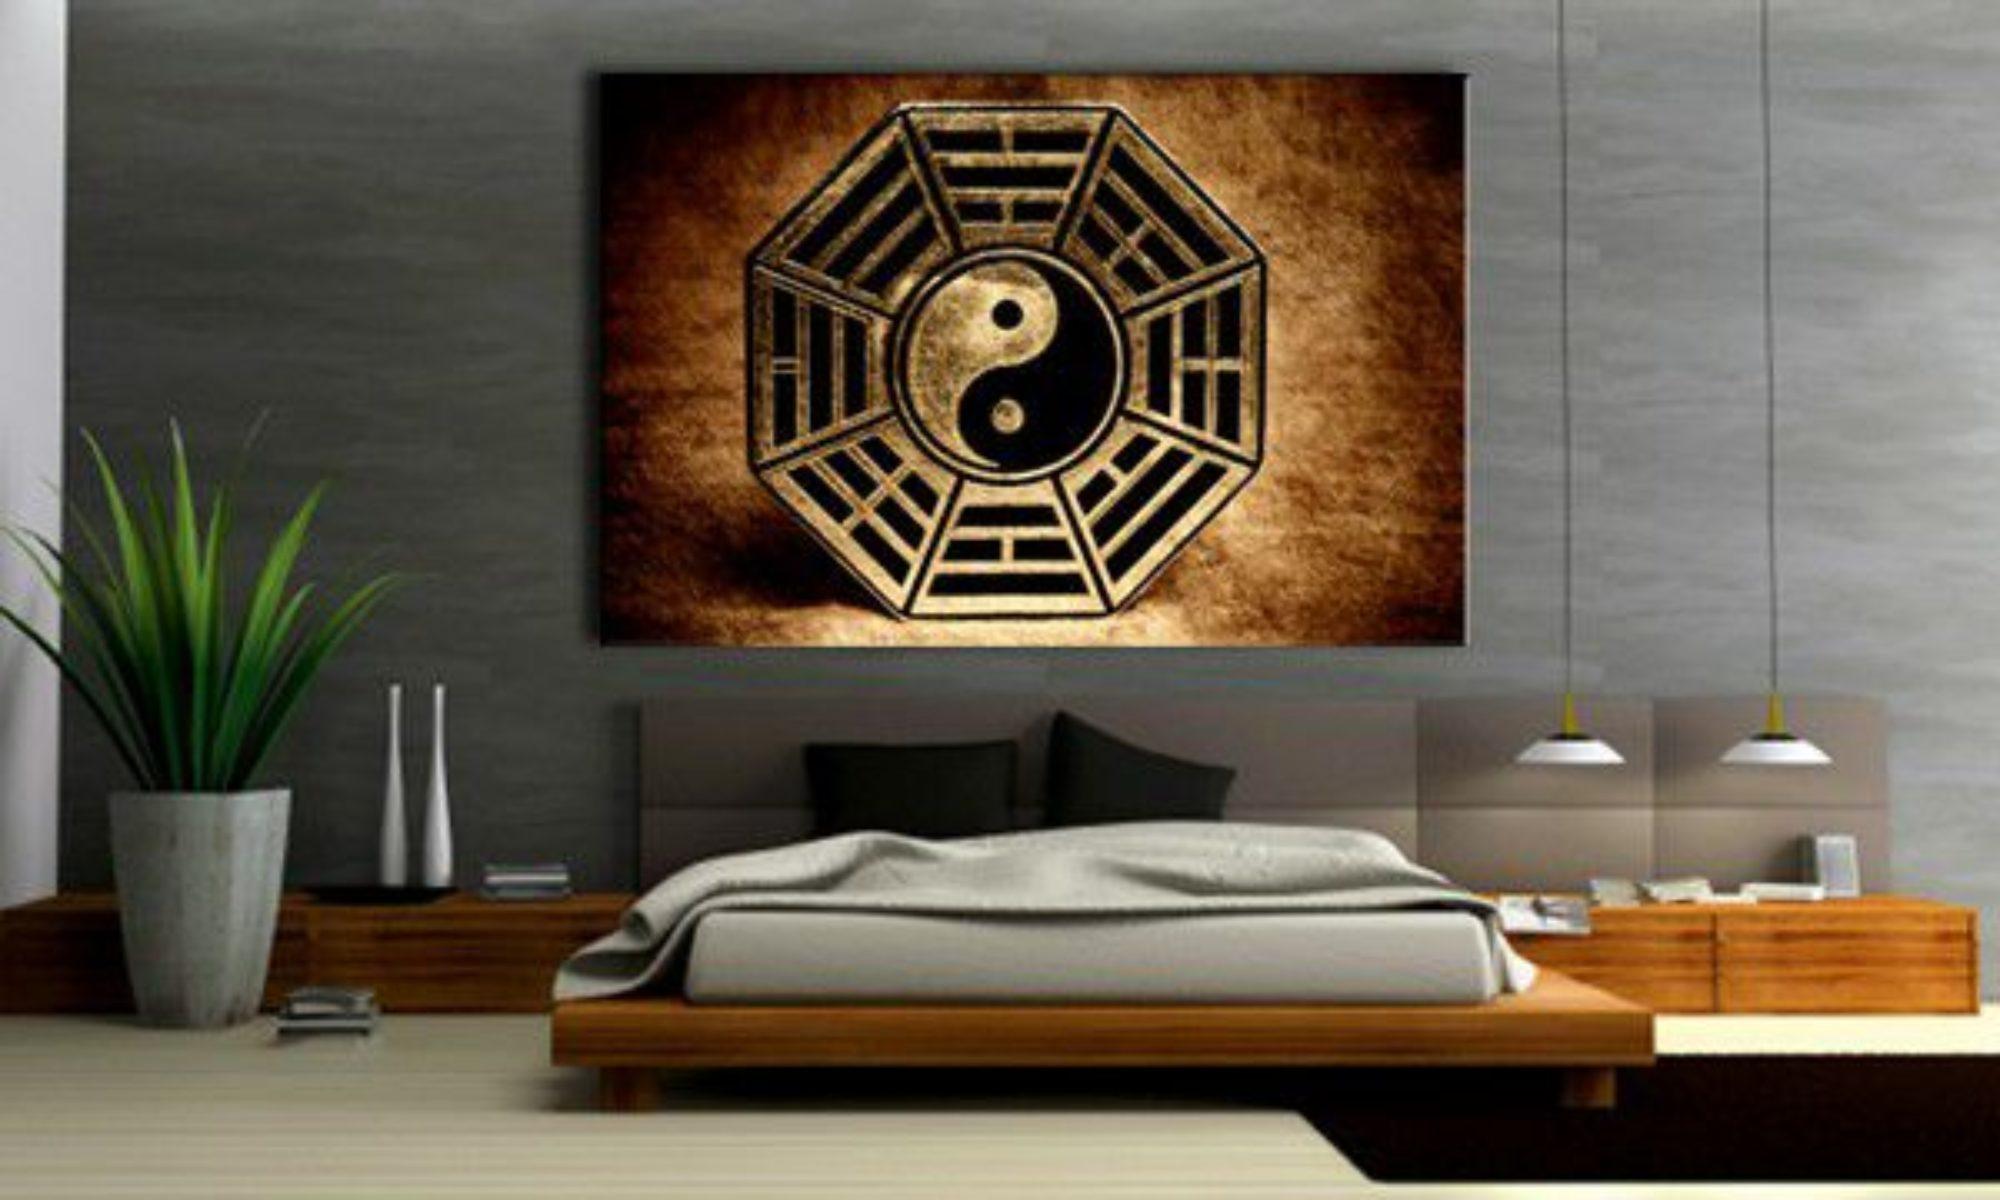 Fengshui83.com